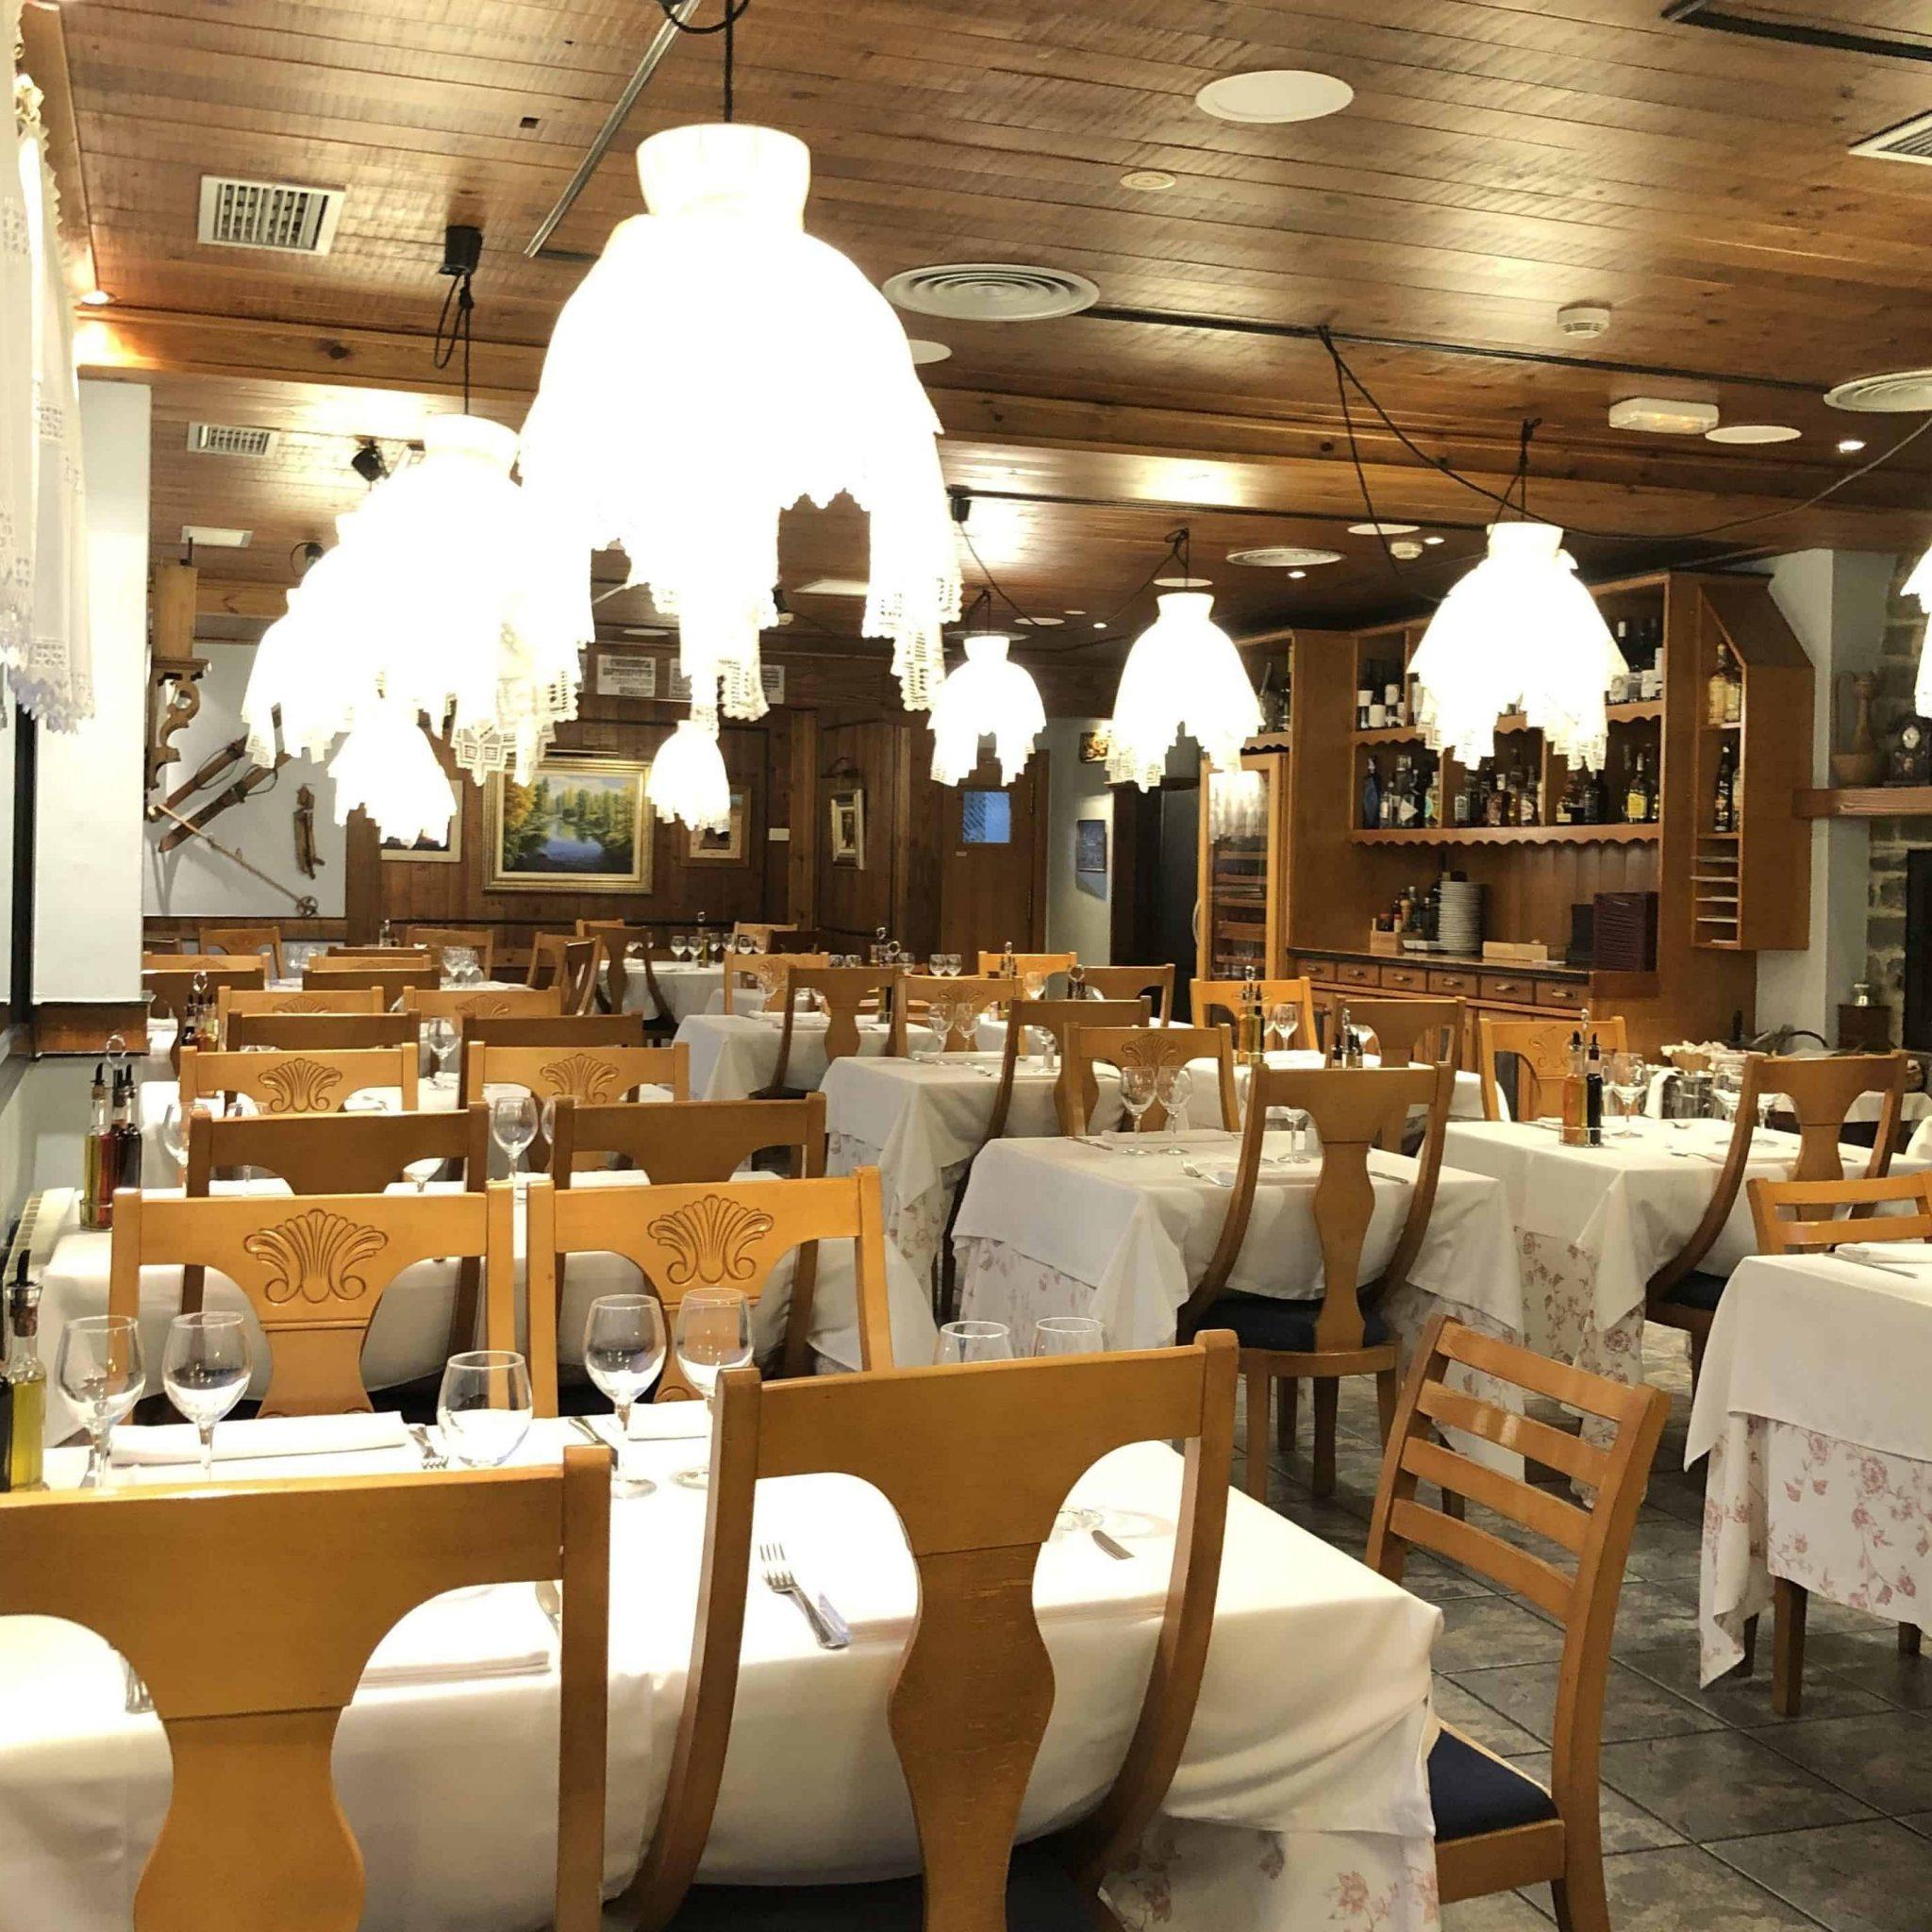 salon comedor interior era lucana restaurante vielha